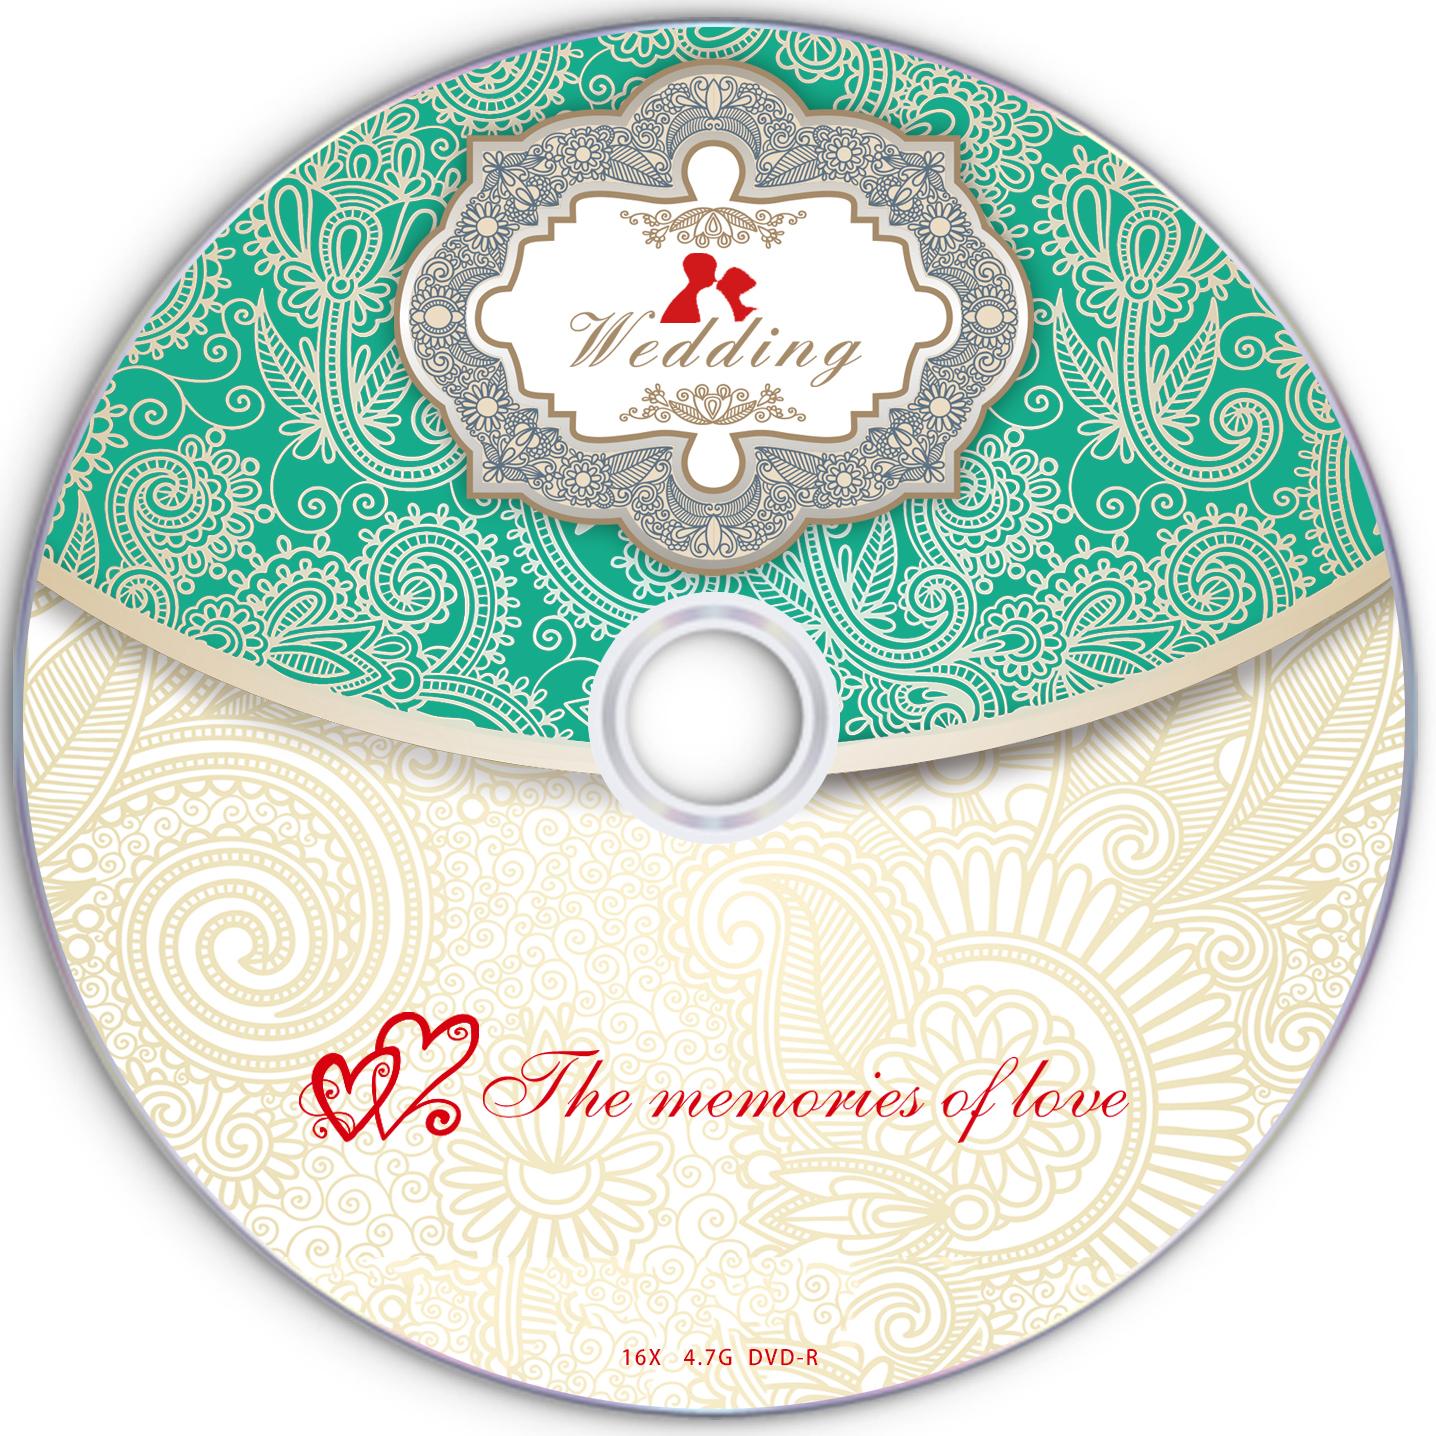 婚庆刻录盘 婚礼空白光盘 DVD 4.7G 8.5G婚庆光盘 婚纱影楼刻录盘